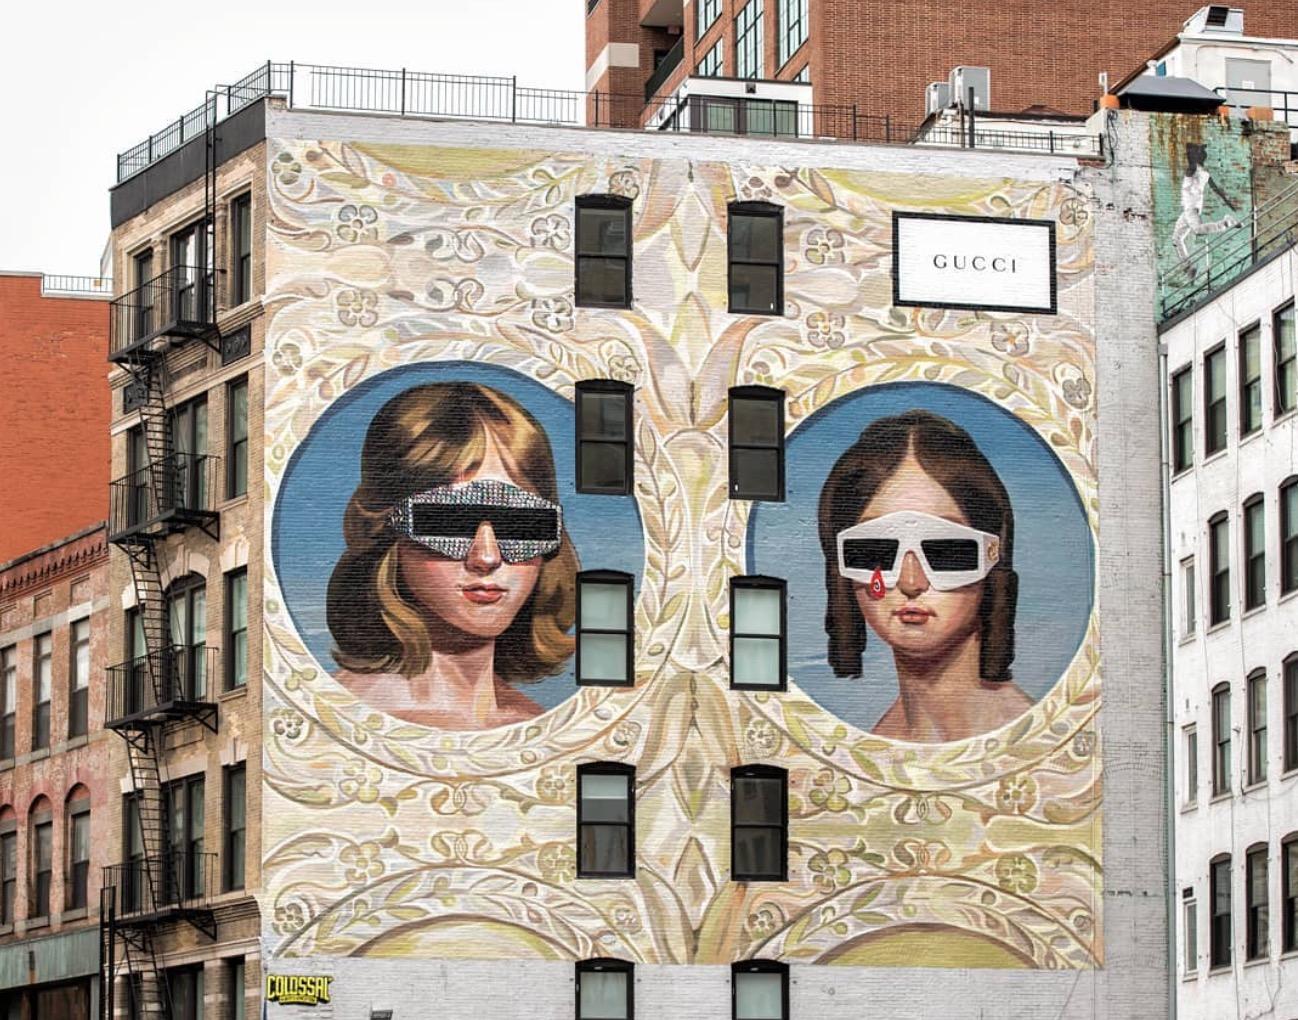 Gucci New York